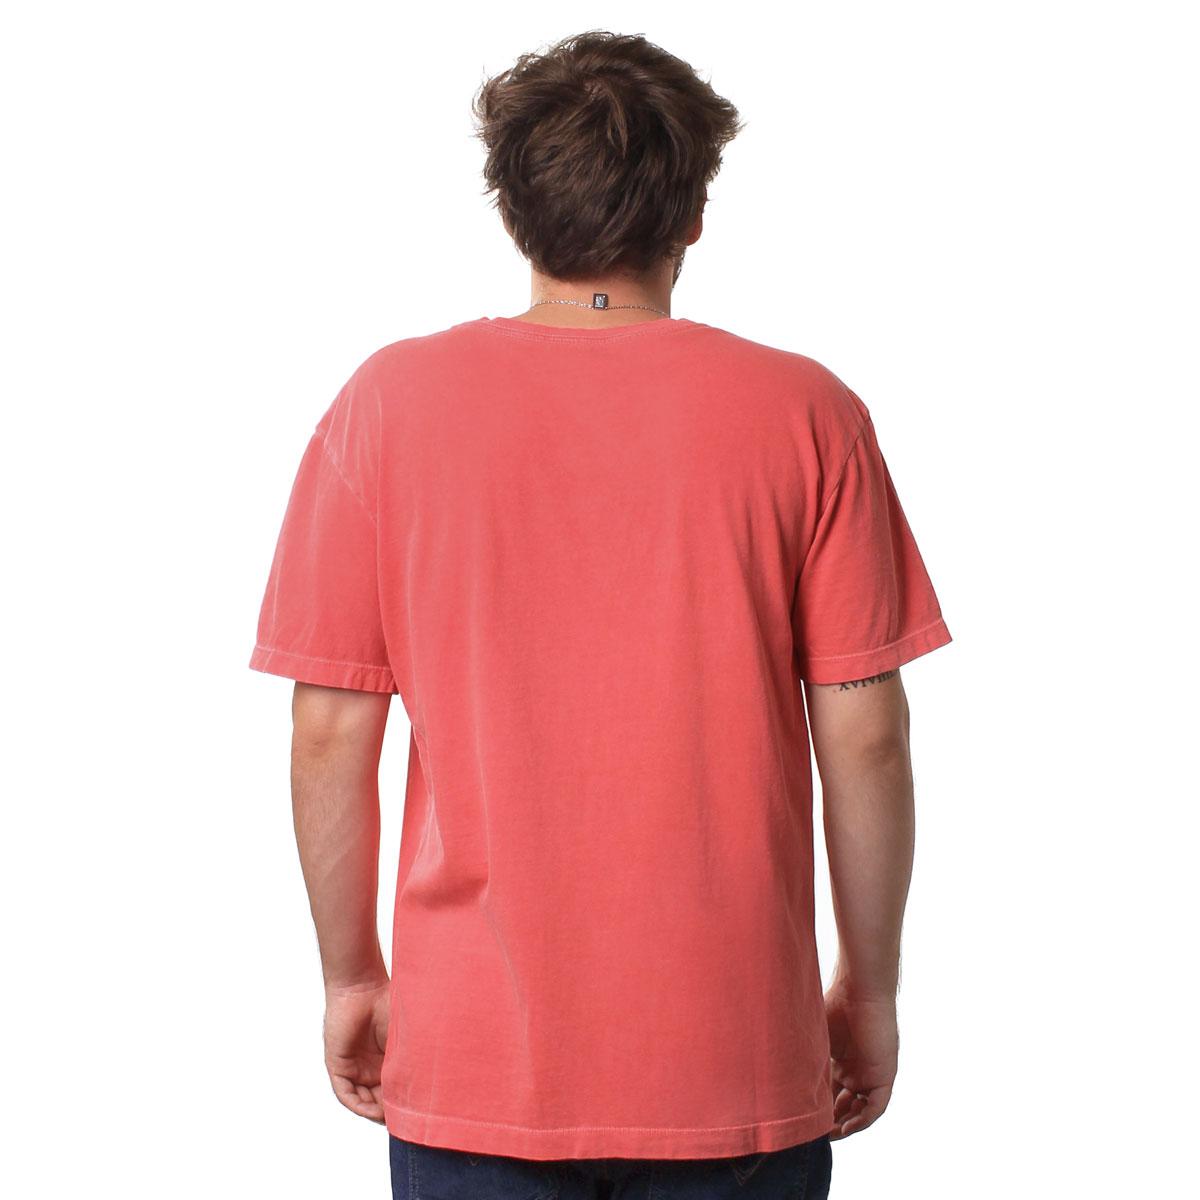 T-shirt Premium Masculina Ivete Sangalo Pra Frente